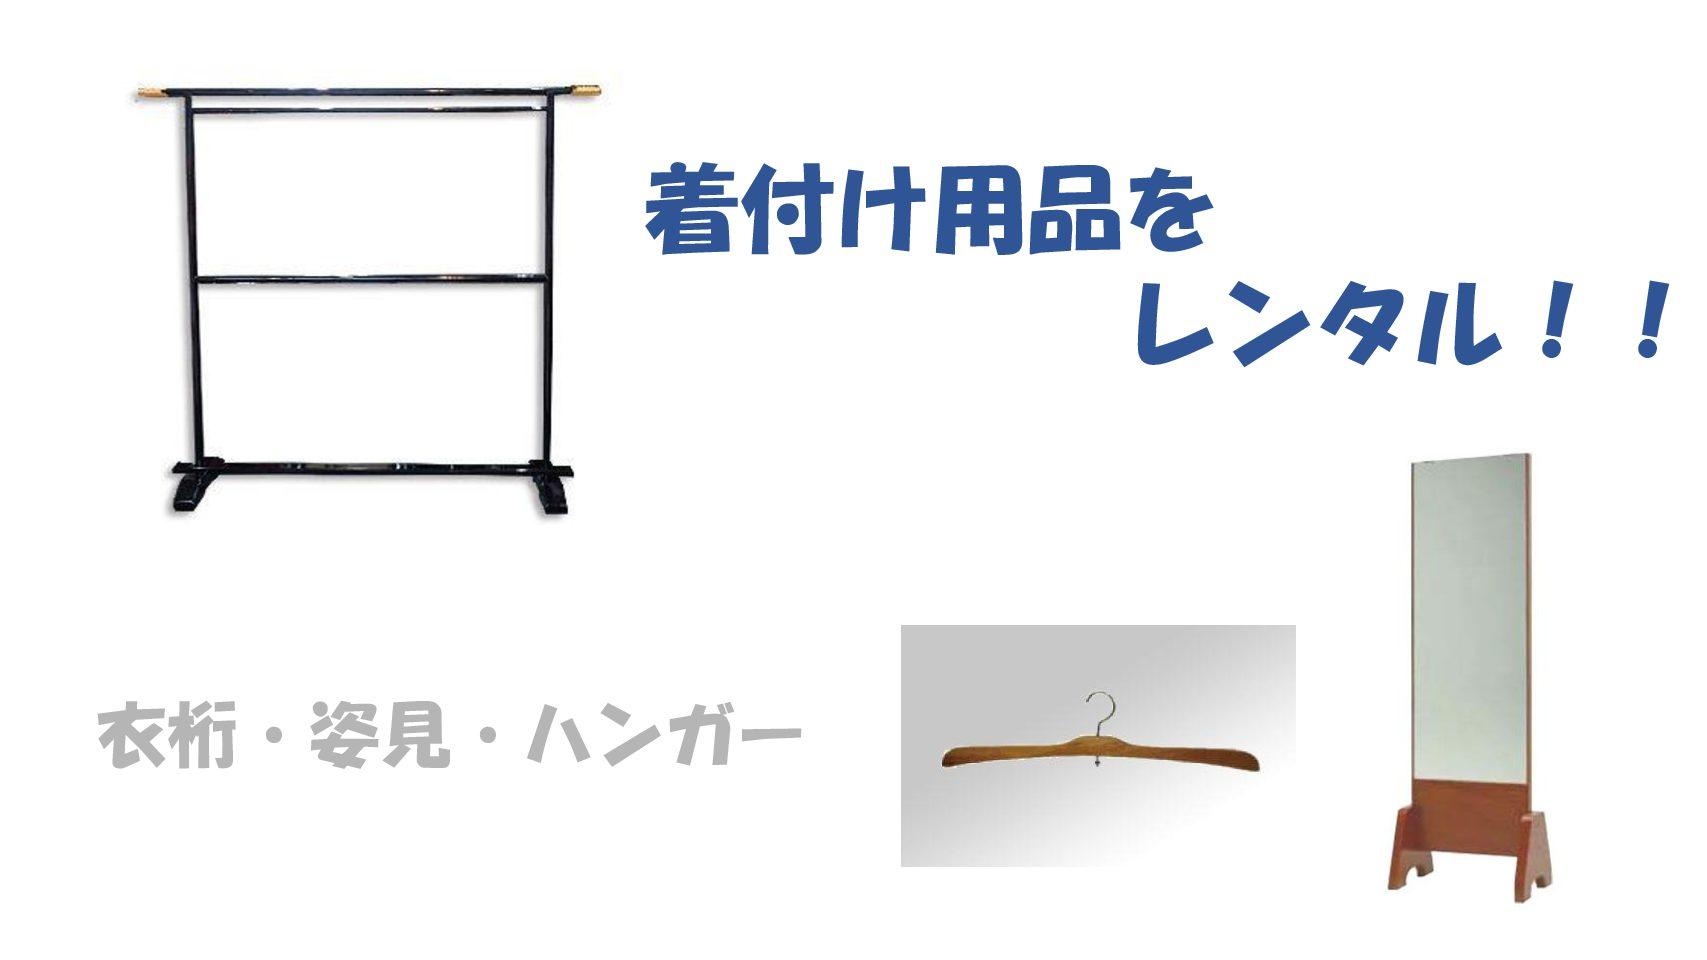 福岡で着付け用品をレンタルしたい方へ